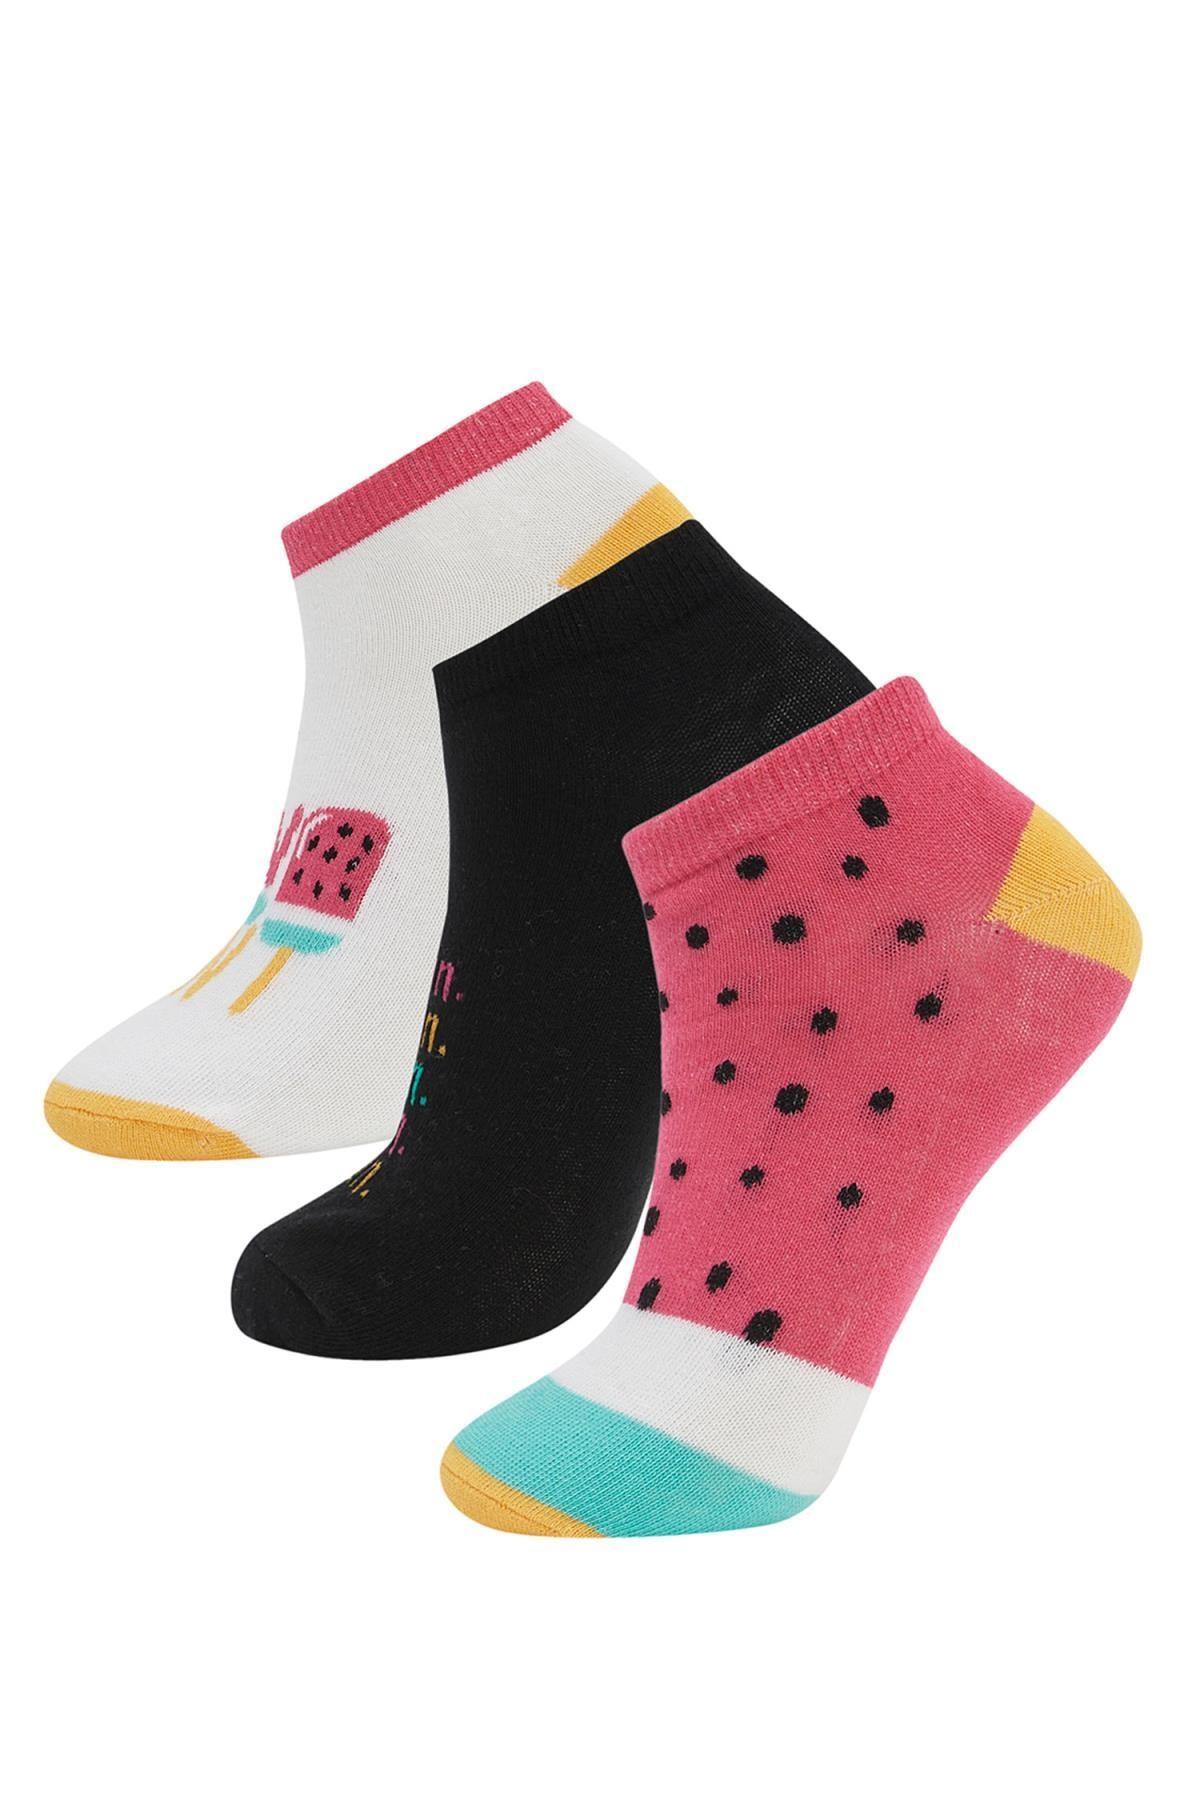 DeFacto Kadın Çok Renkli Desenli 3'Lü Patik Çorap T7409AZ21SPKR